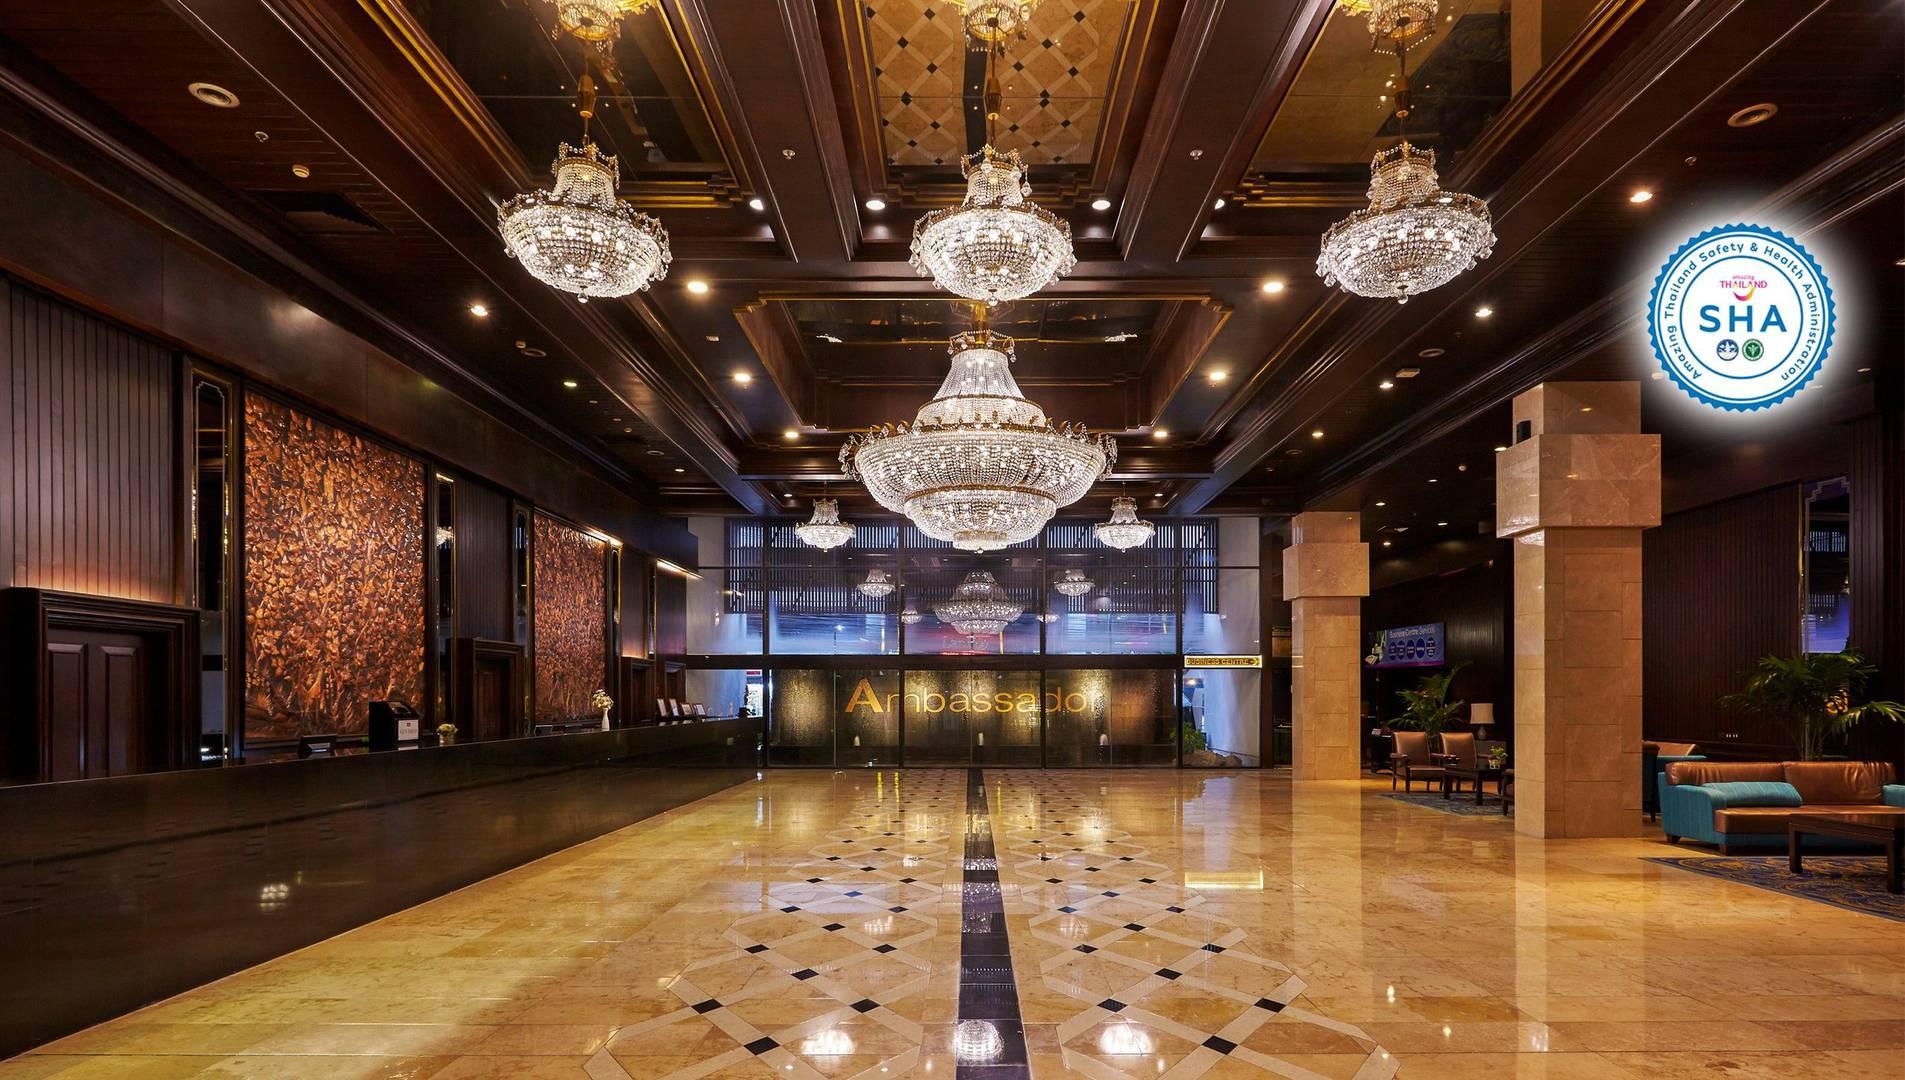 曼谷國賓大飯店 ASQ隔離住宿飯店(圖片來源:Ambassador Hotel Bangkok官網)